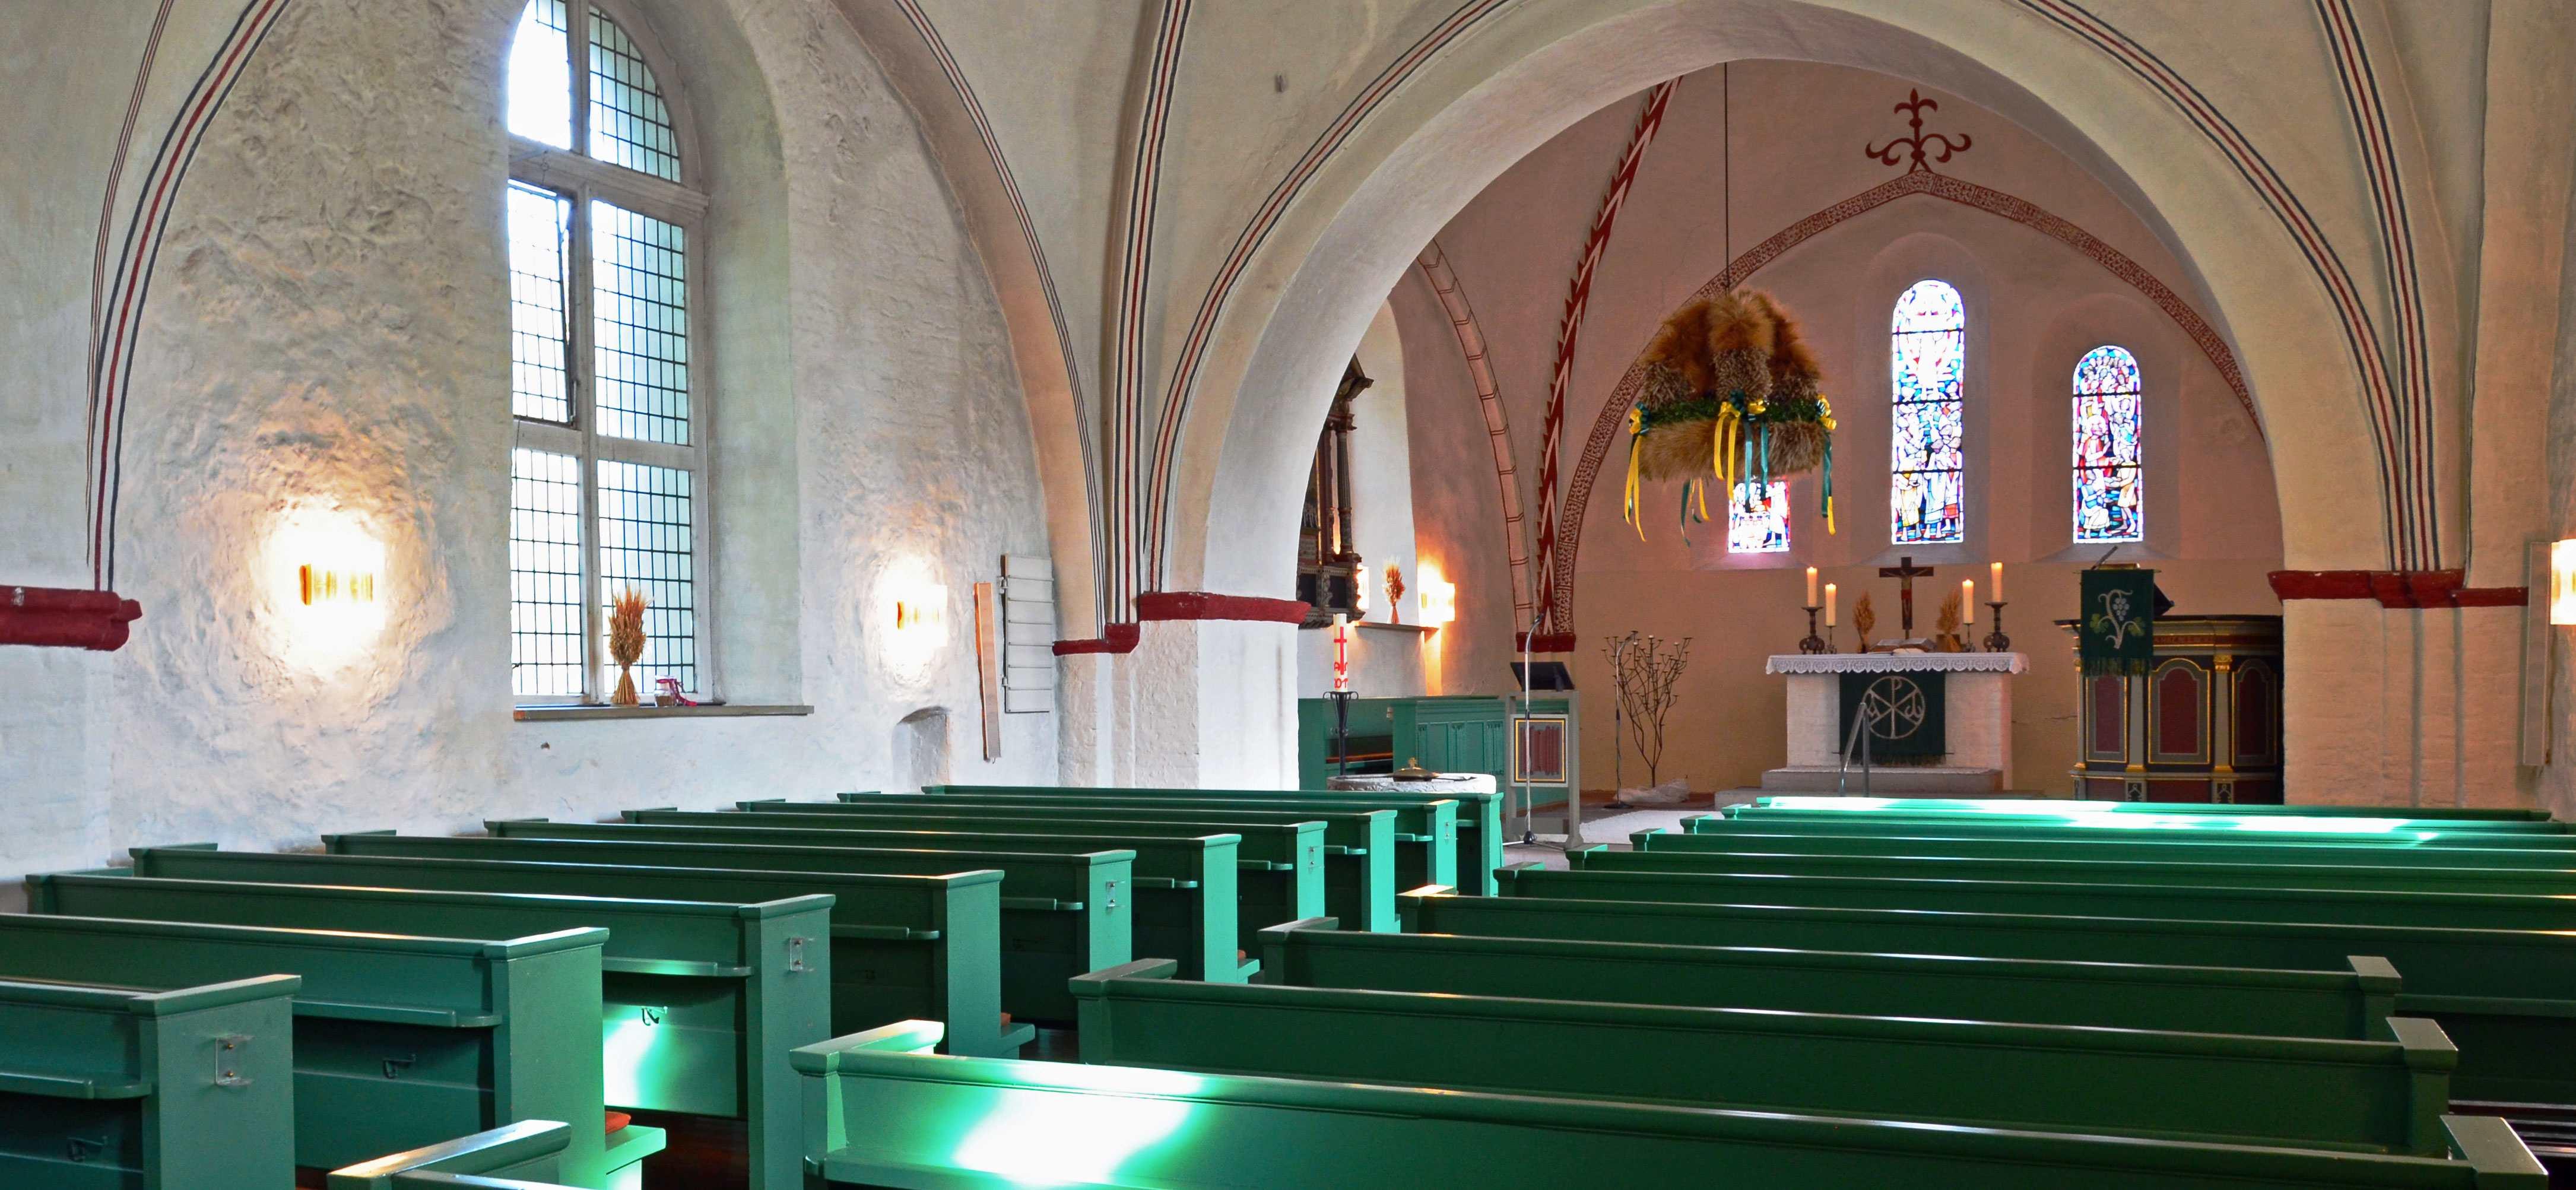 Die Innenansicht der Kirche vom Mitteleingang mit Blick zum Altarraum.